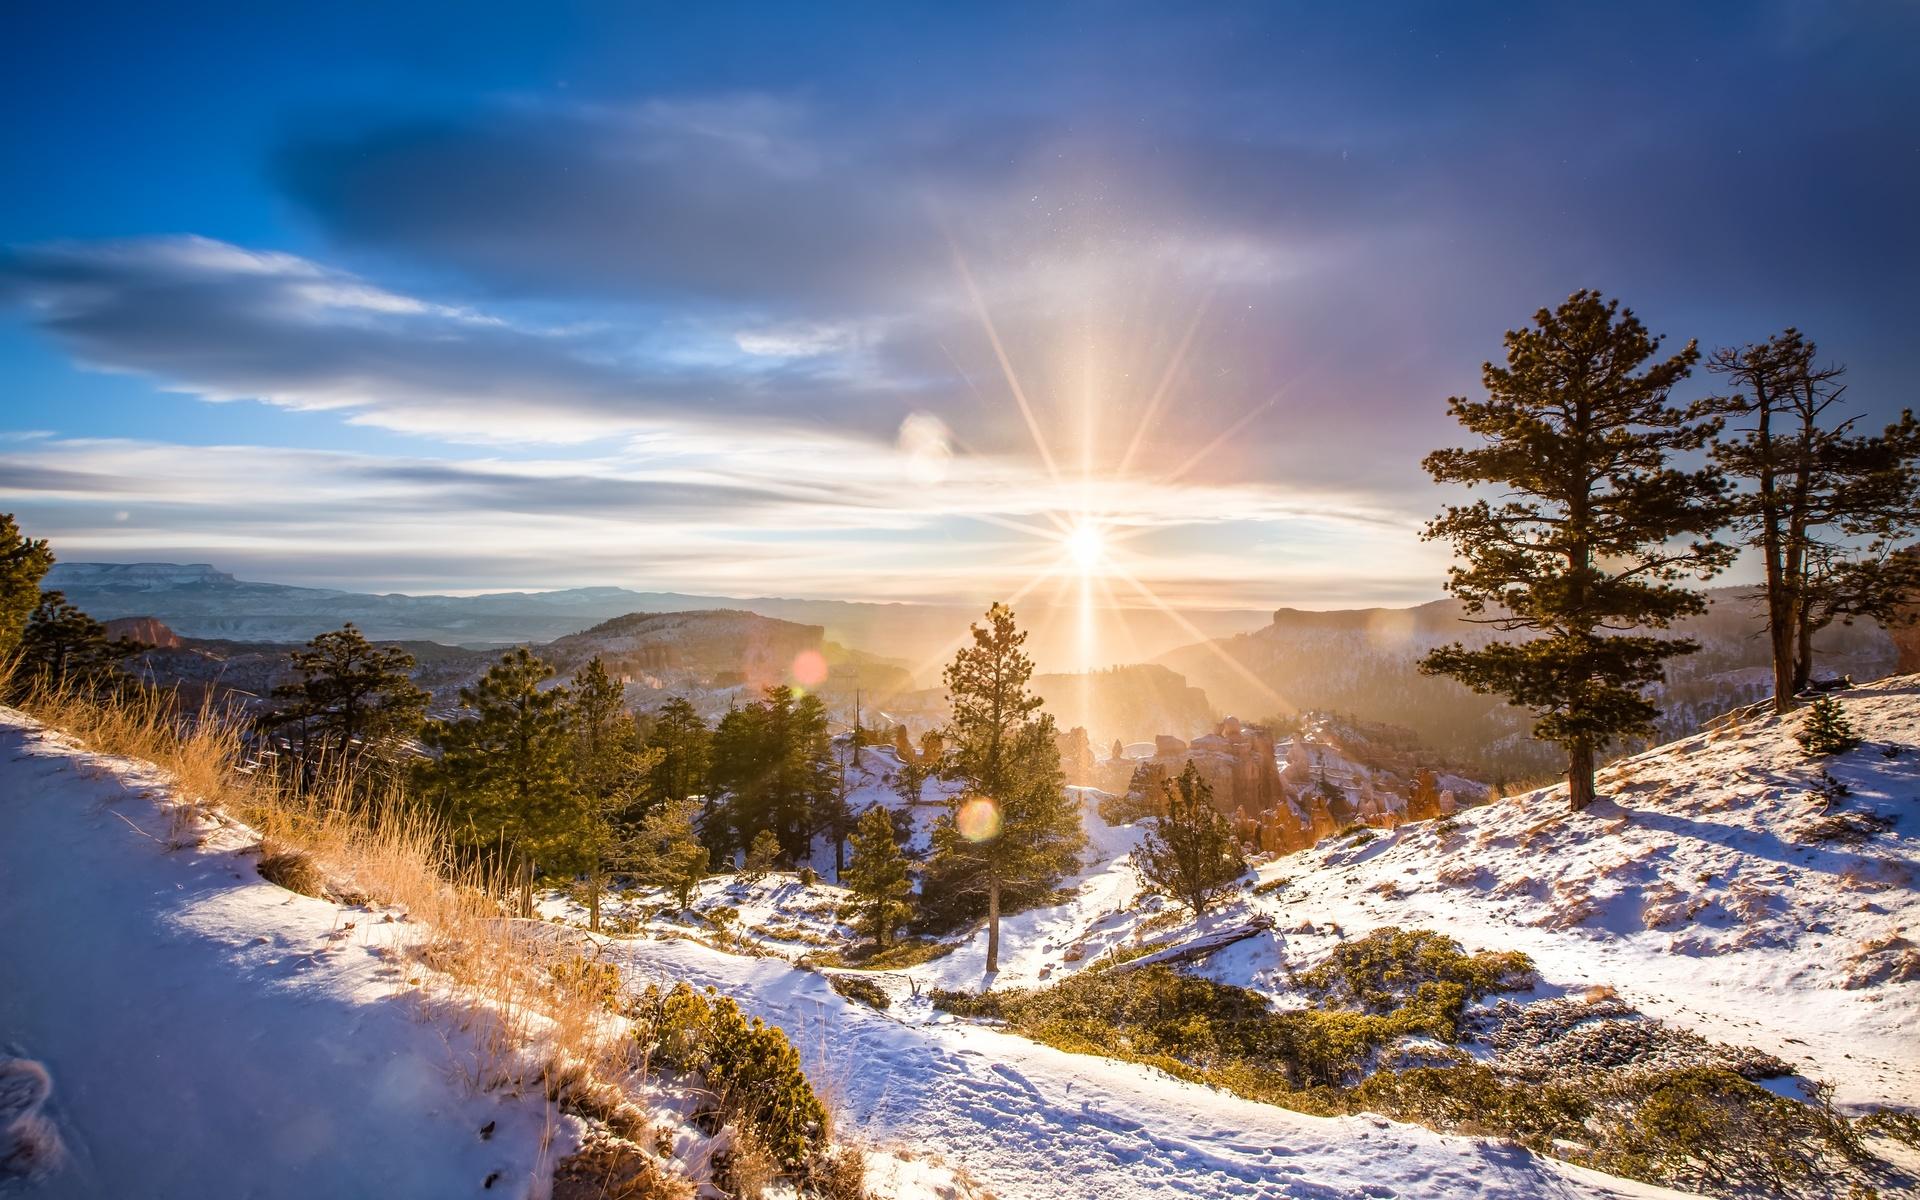 пейзаж, природа, снег, зима